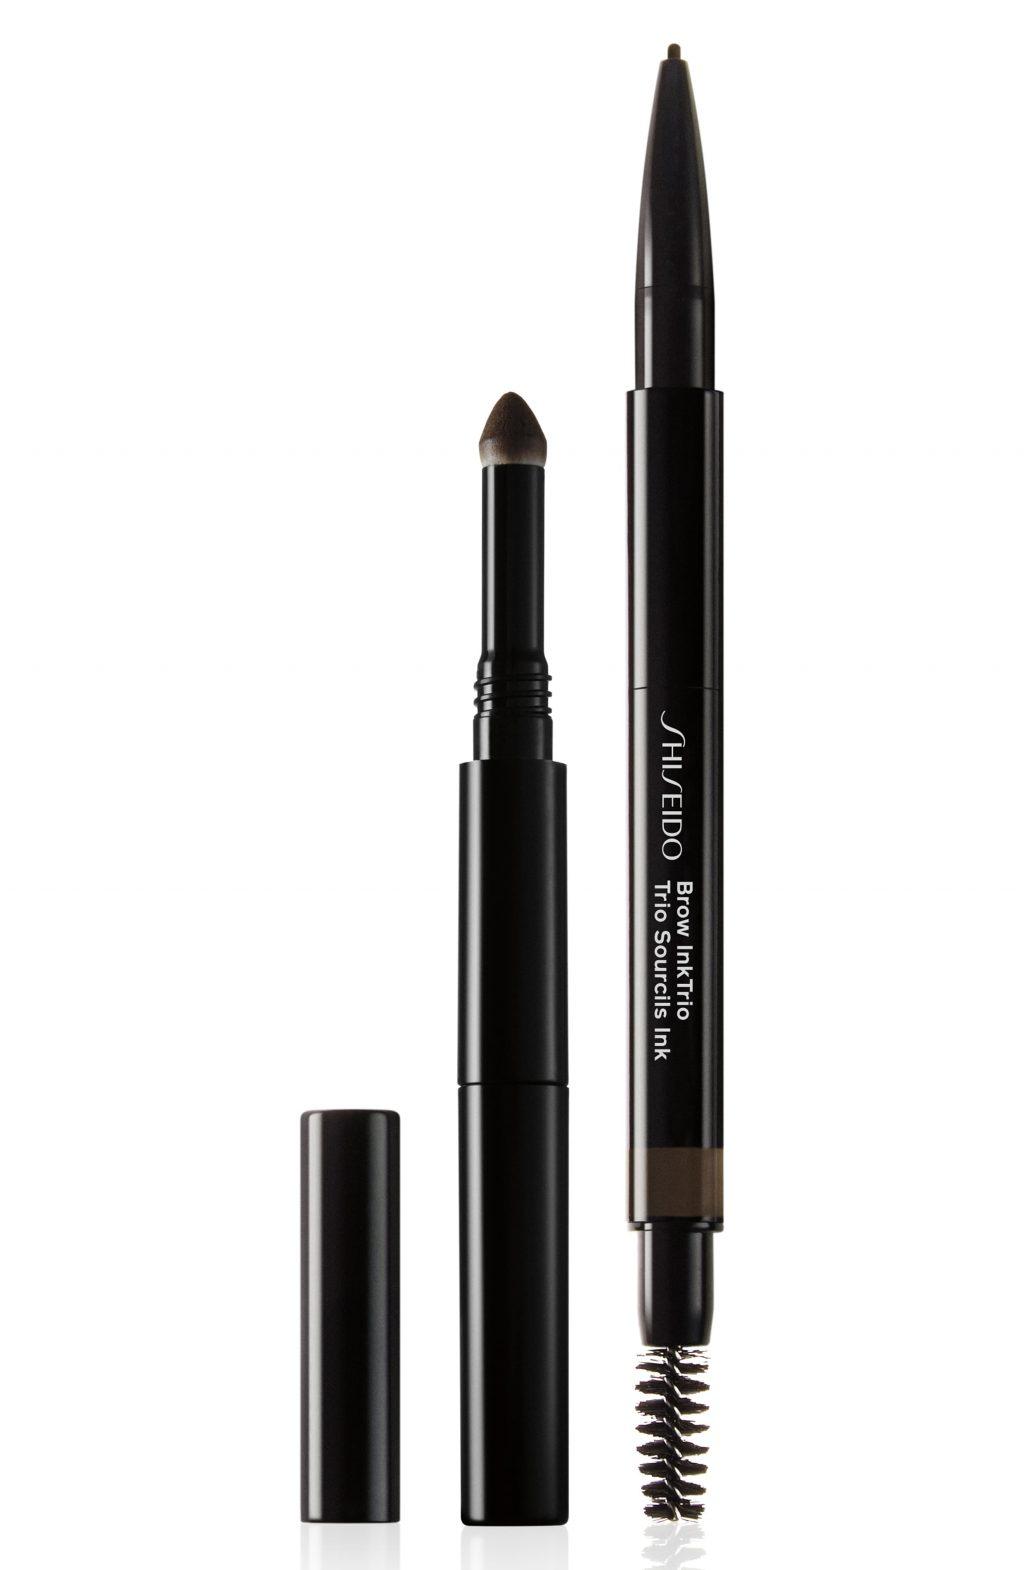 Bút trang điểm Shiseido đa năng